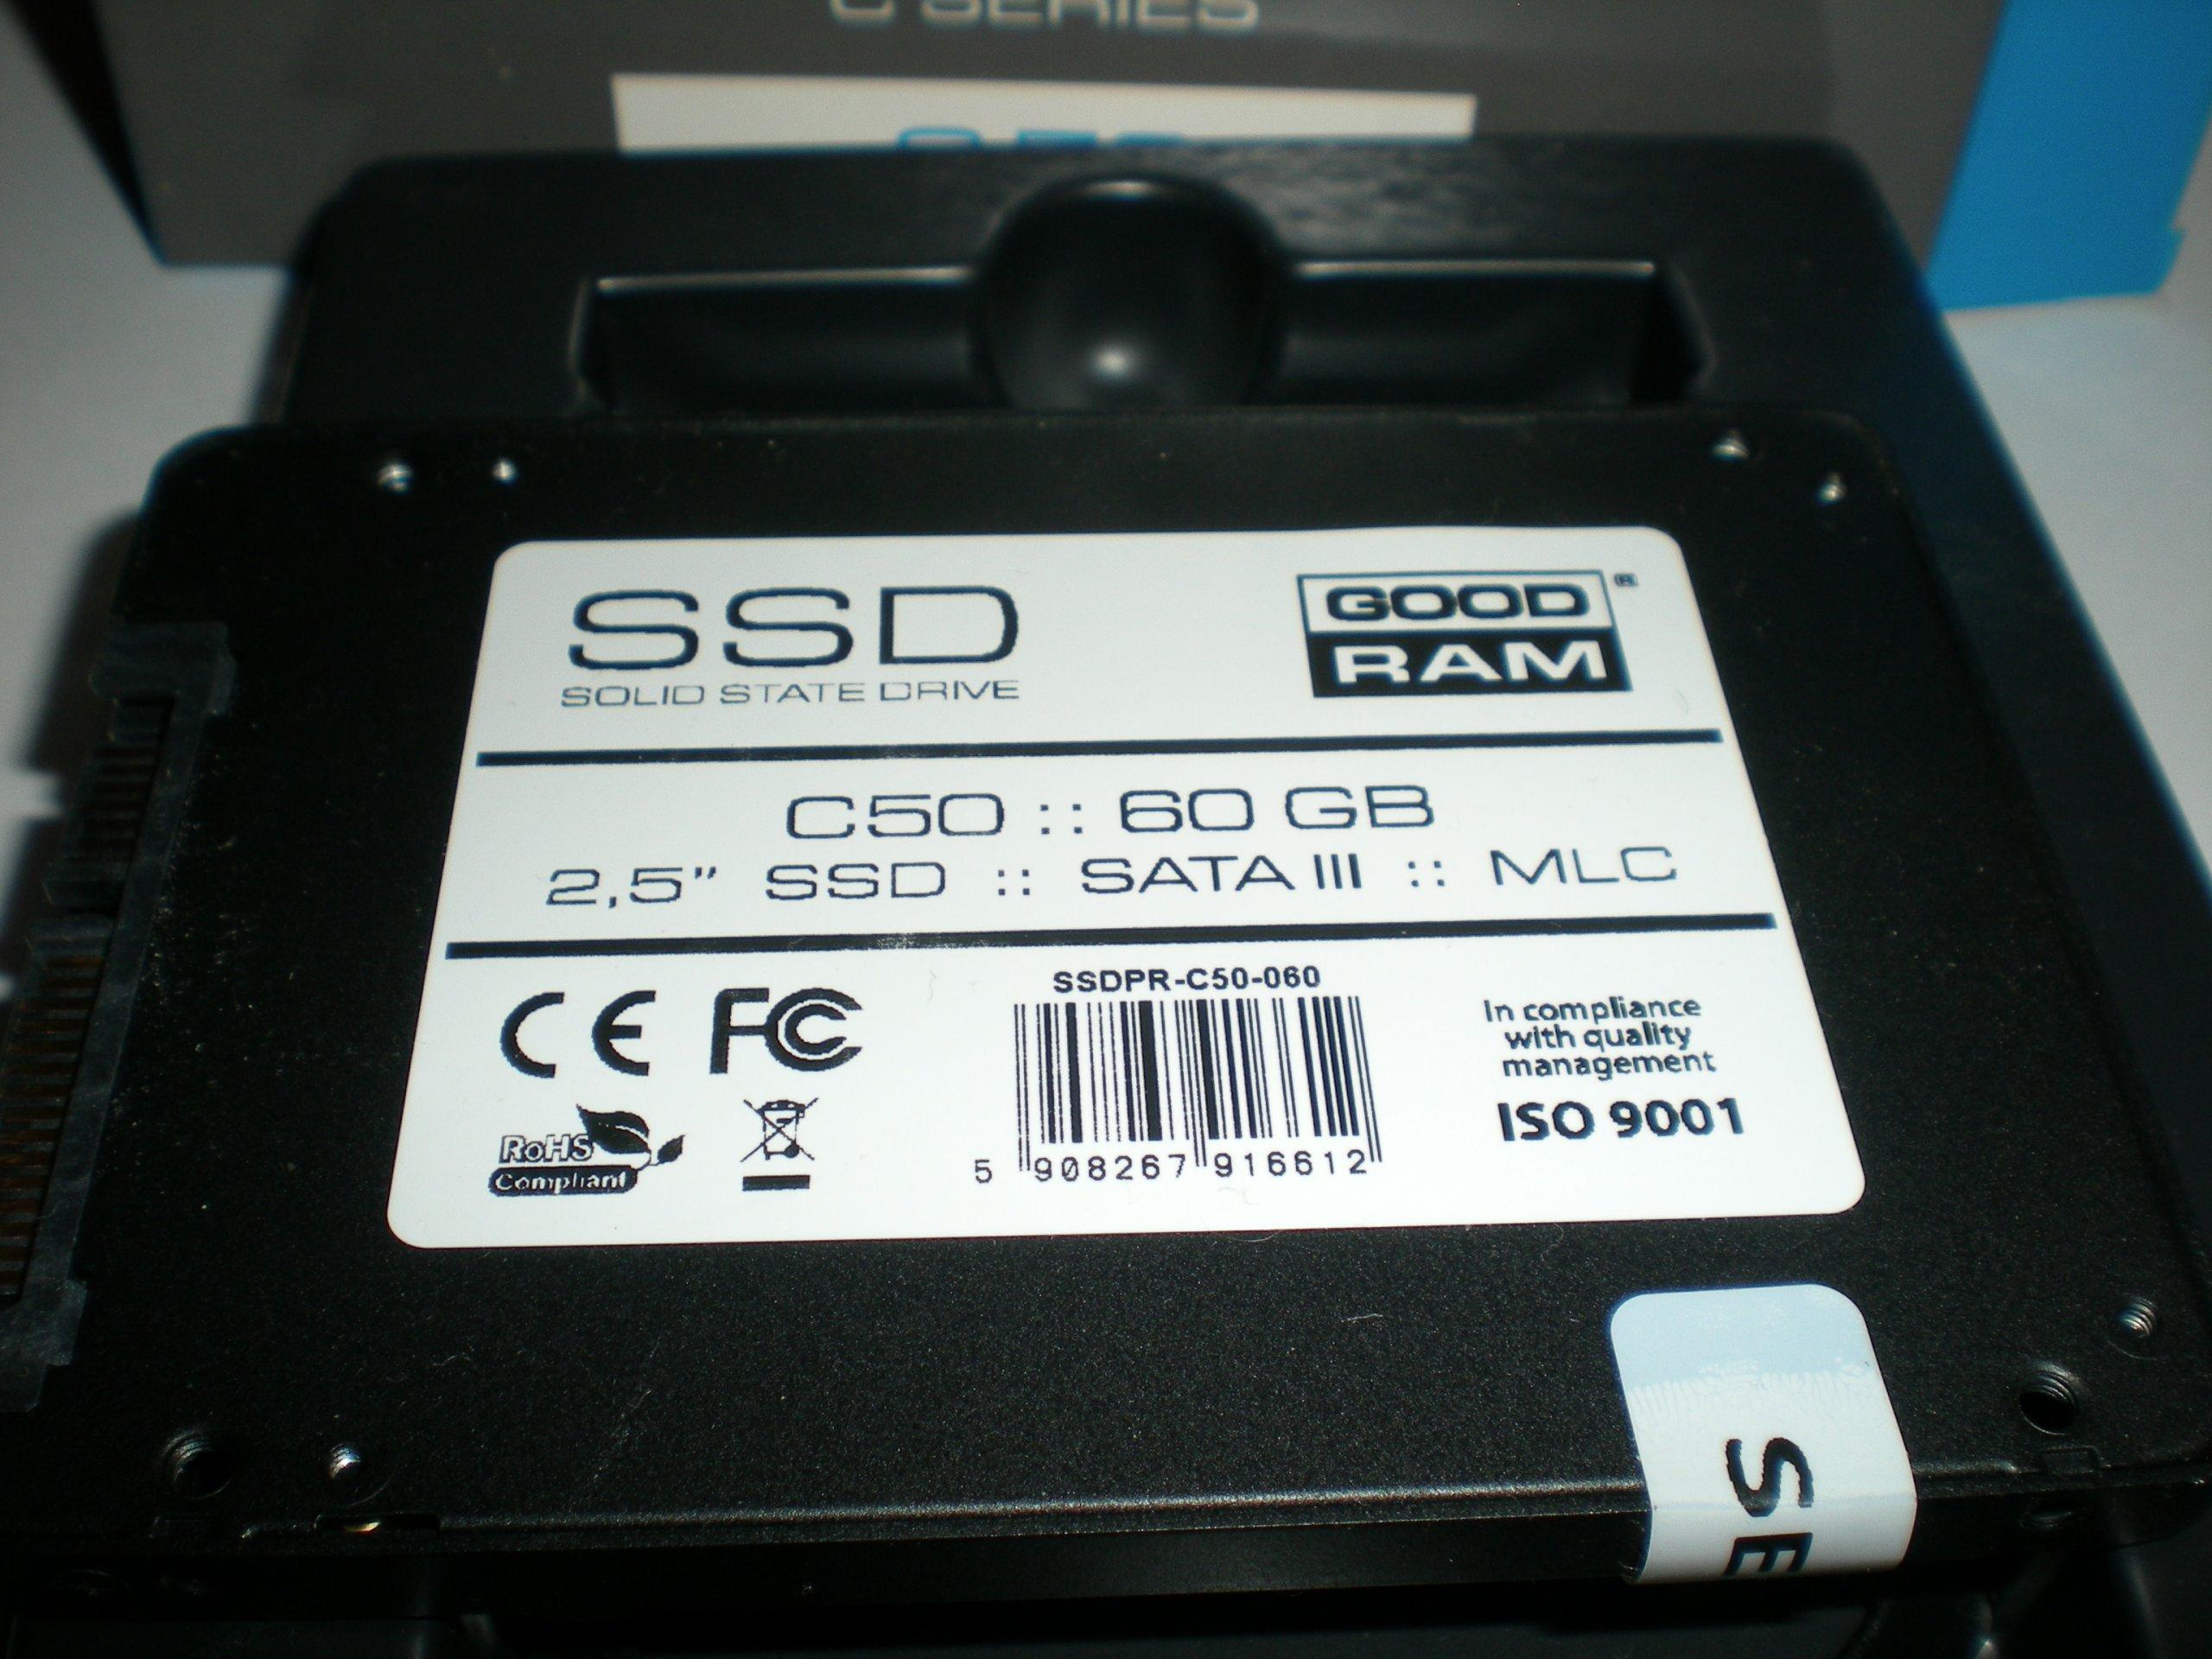 Dysk SSD GoodRam C50 60GB SATA III 2,5